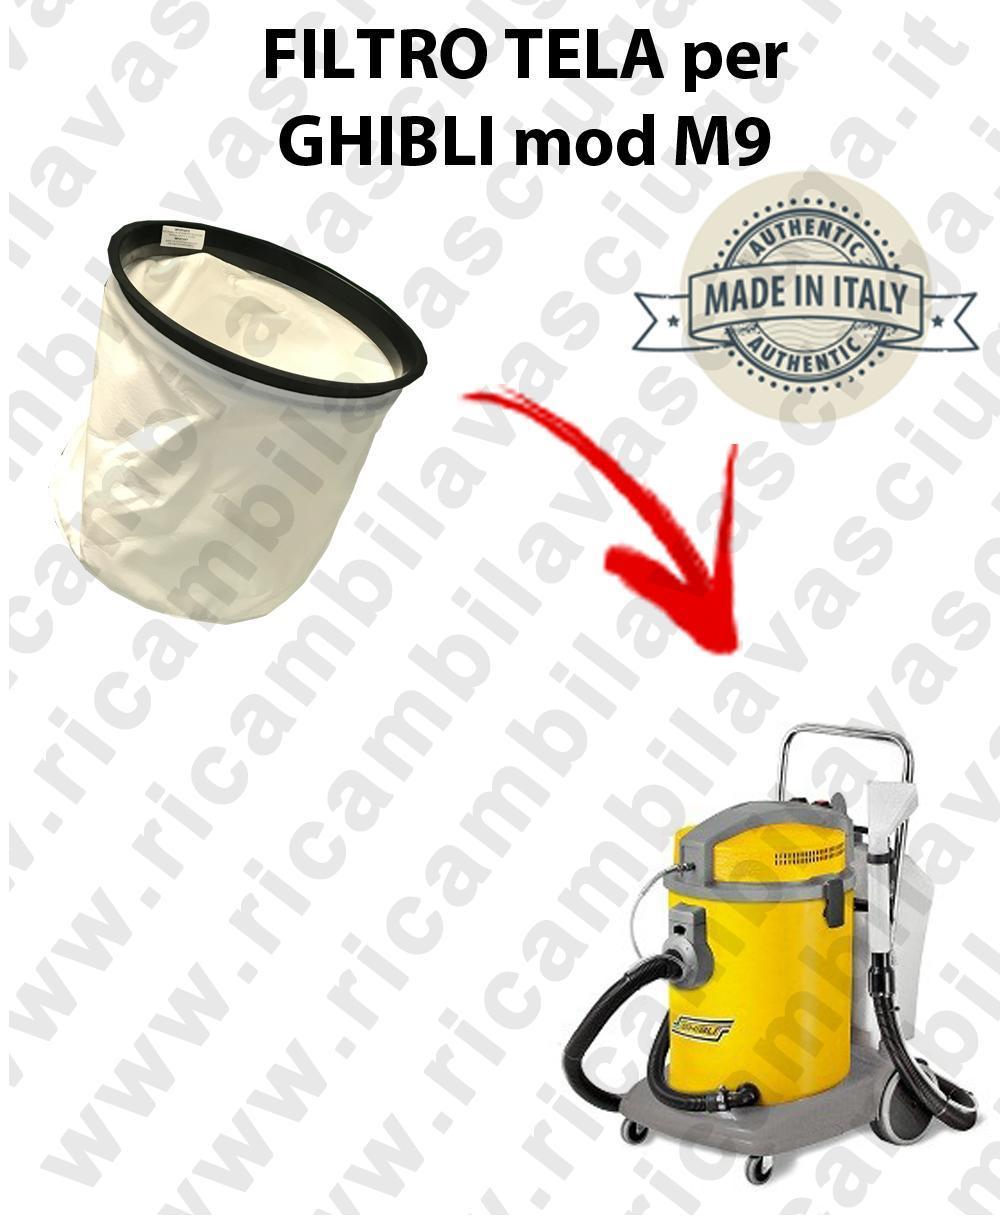 M9 Leinwandfilter für Staubsauger GHIBLI